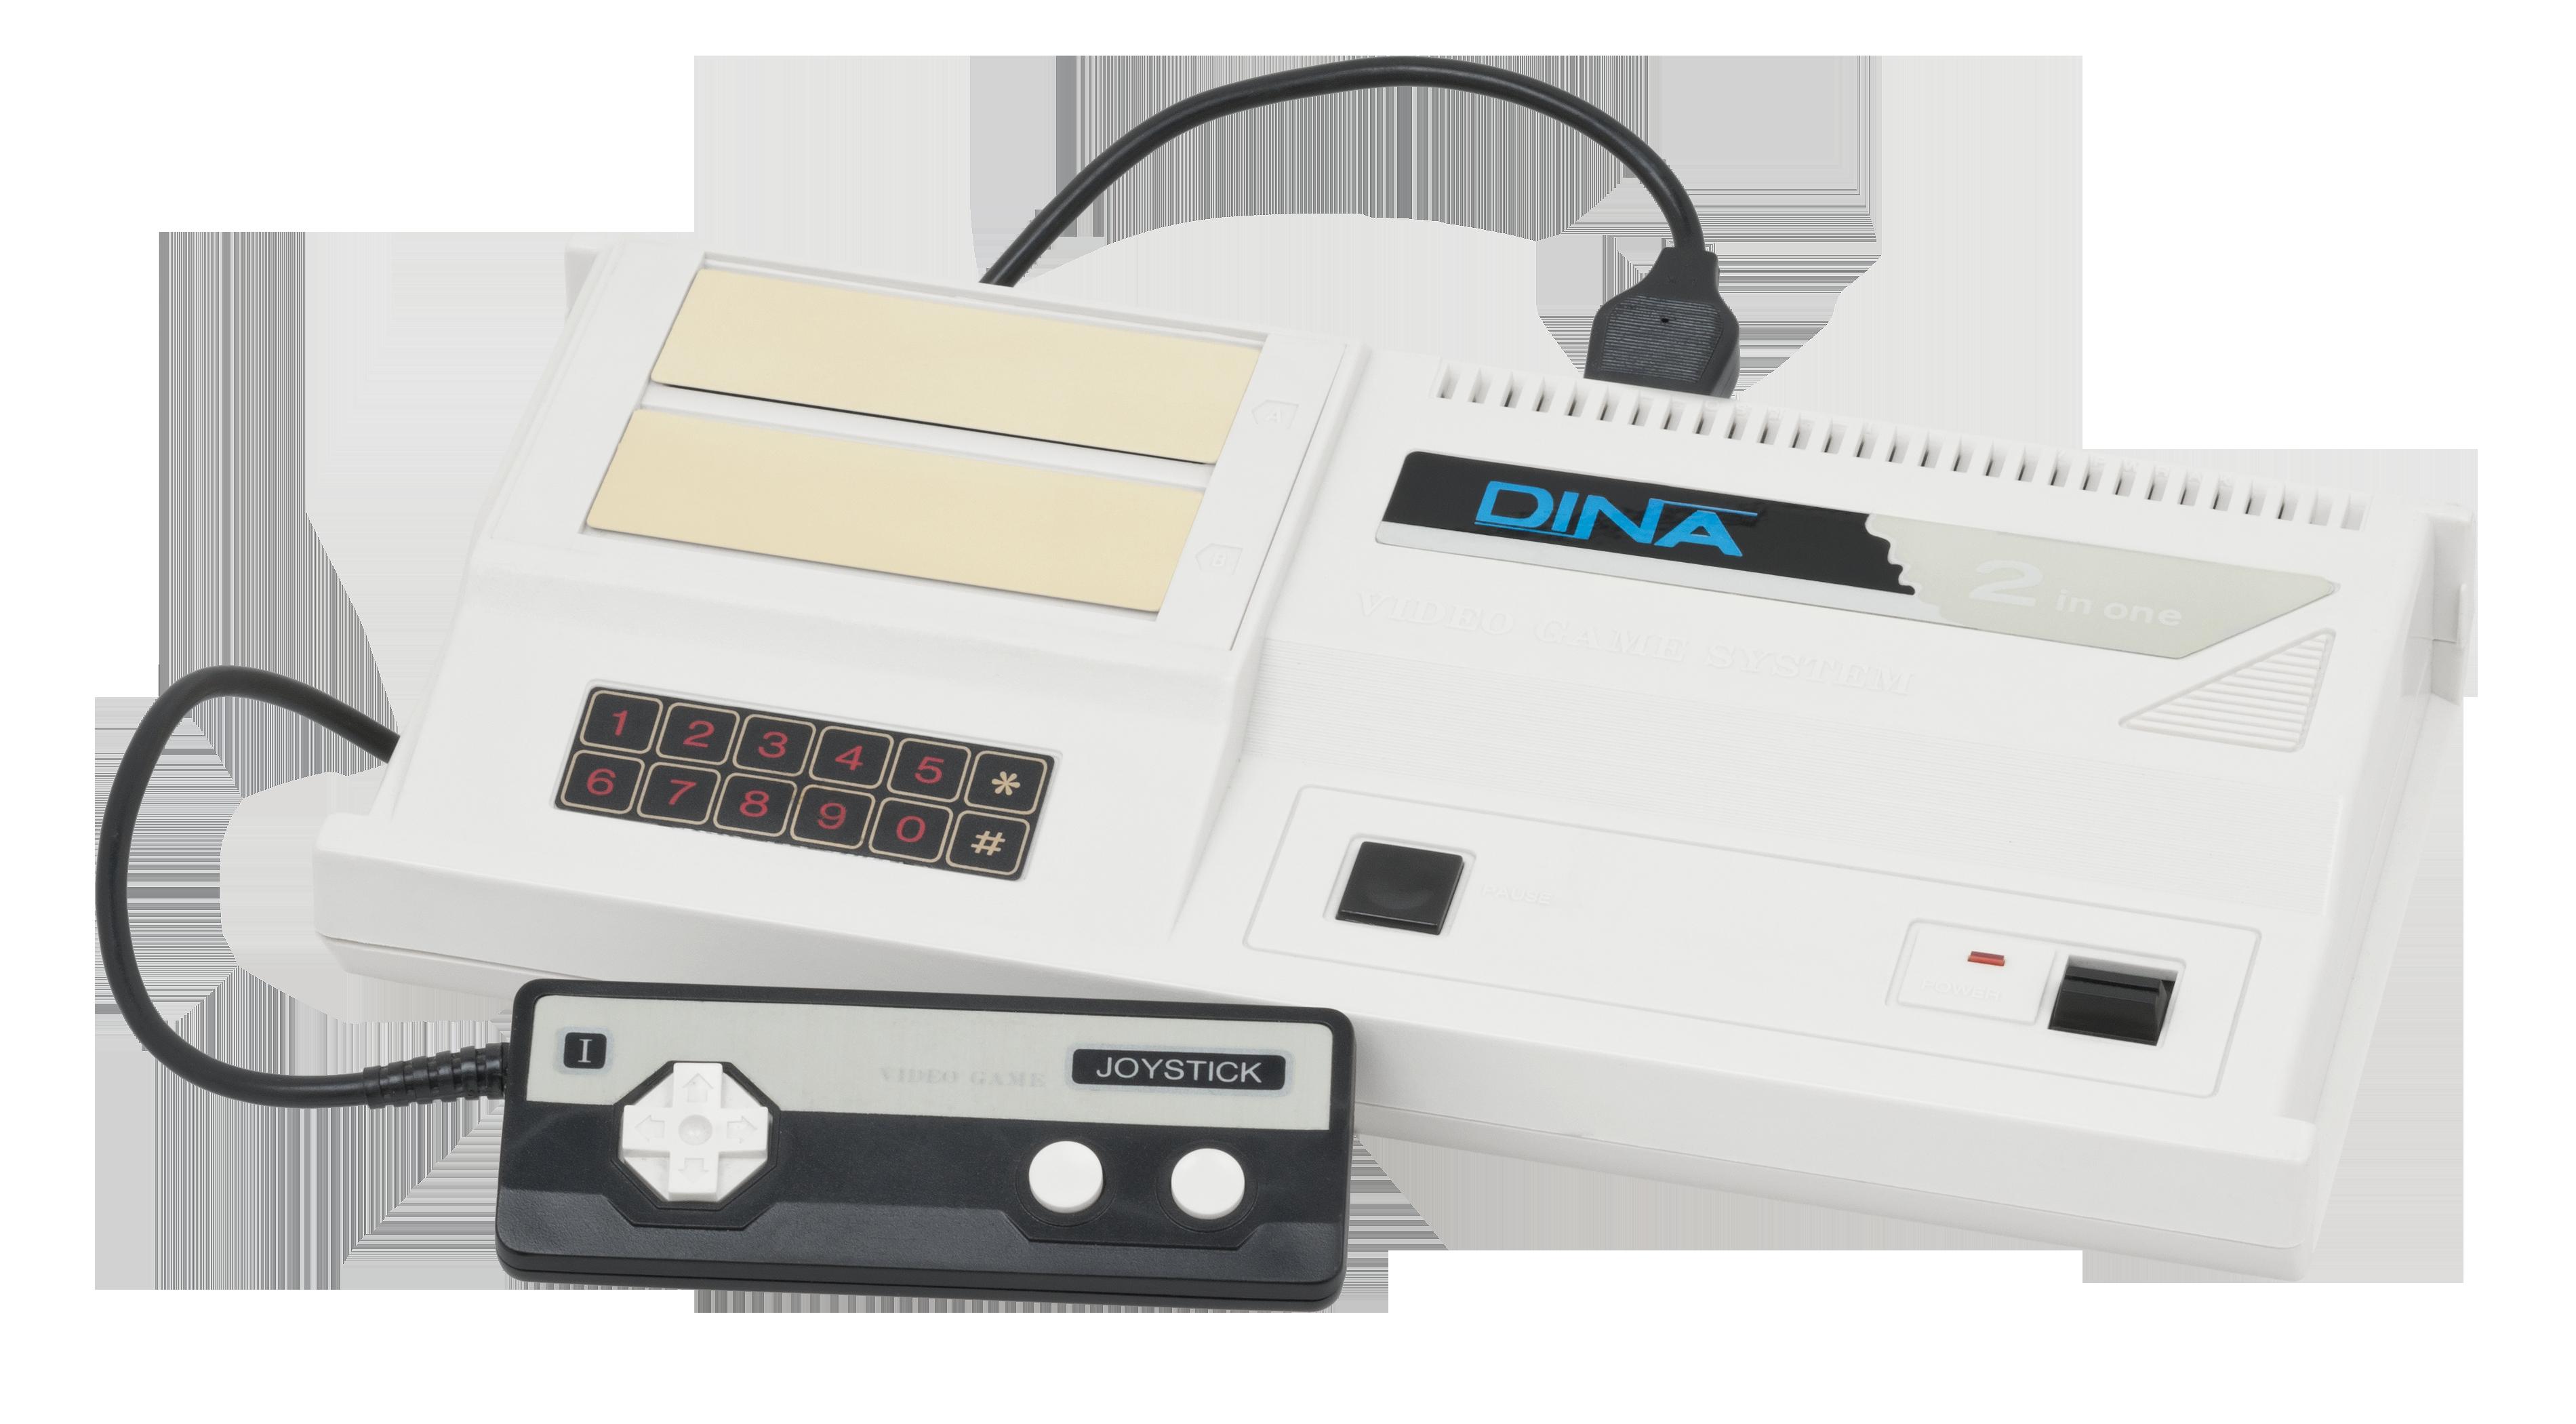 Um console Dina 2 in 1. Conheça o Colecovision e o SG-1000 - Dois consoles com praticamente o mesmo hardware